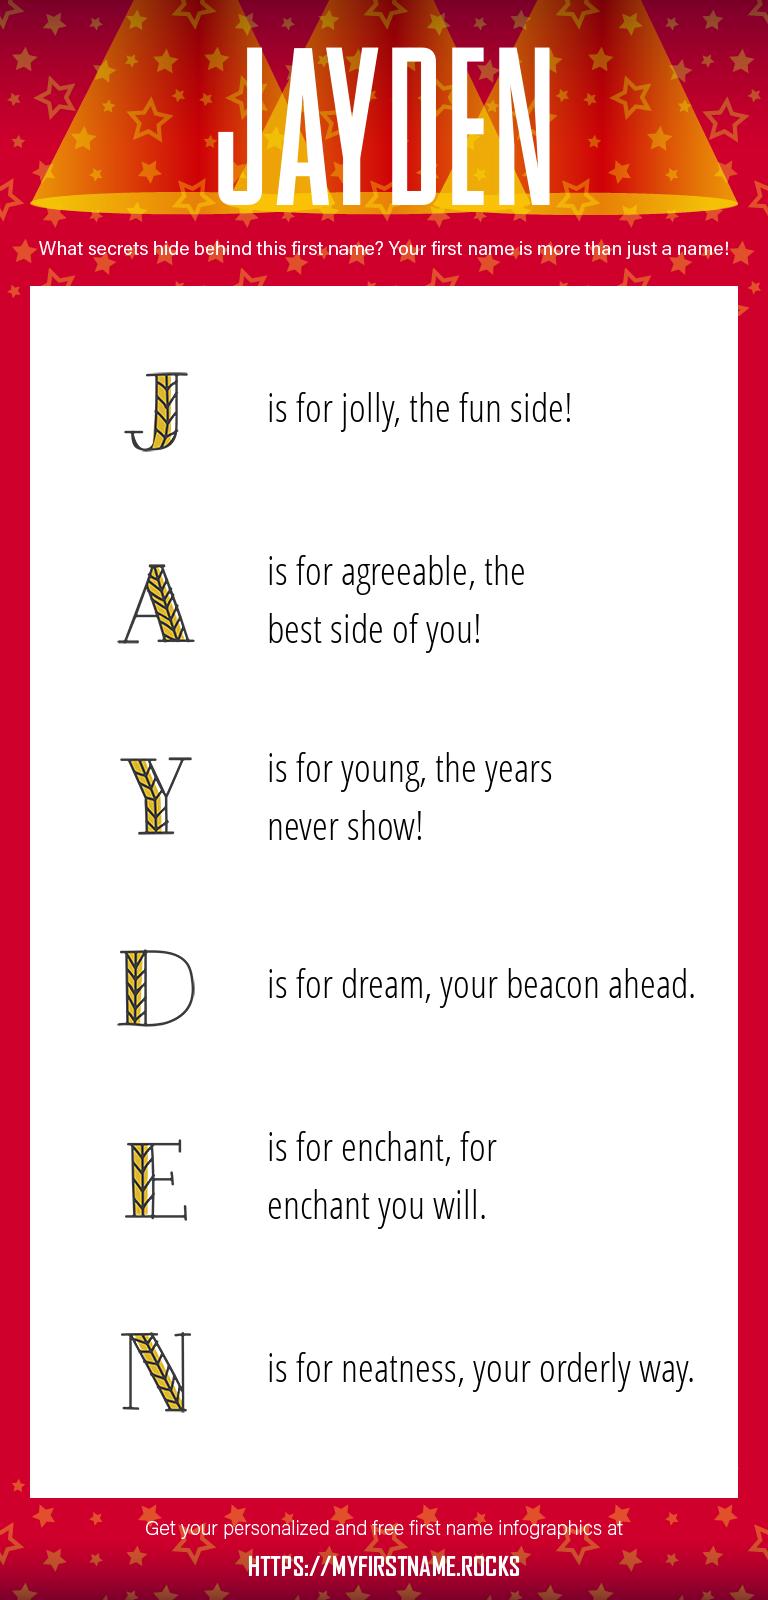 Jayden Infographics